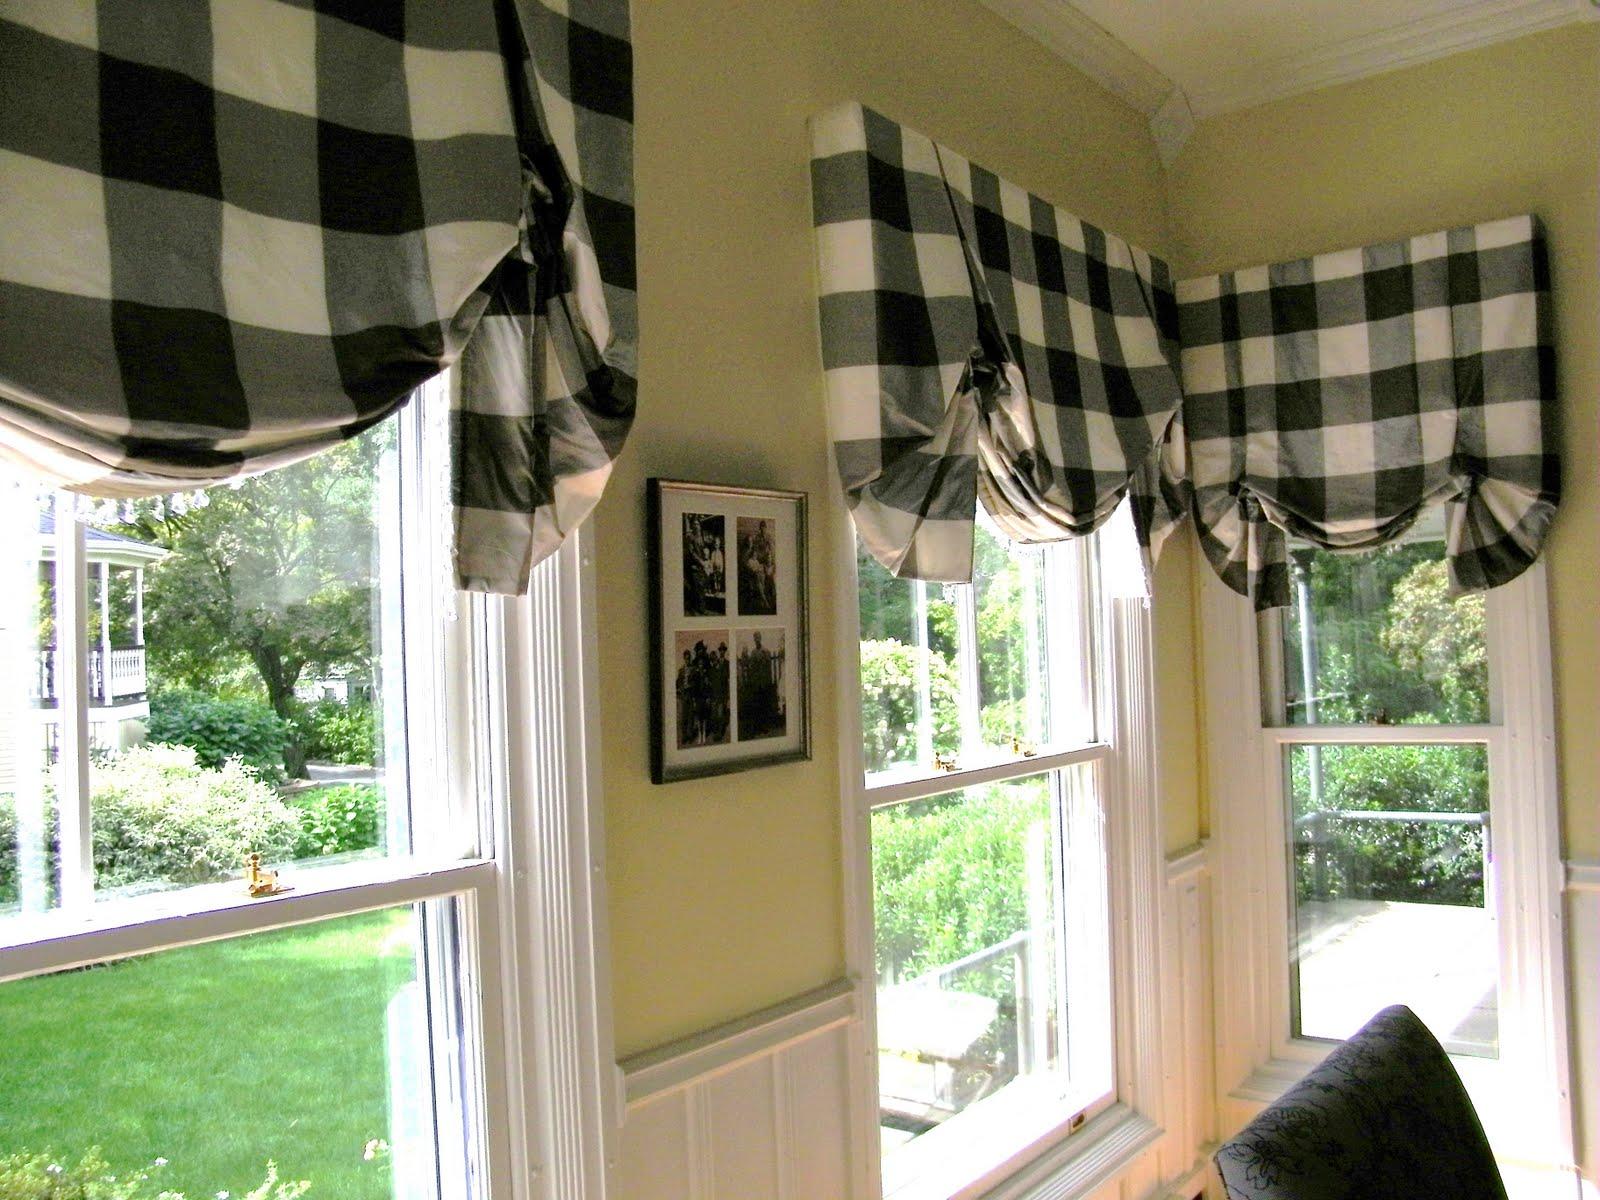 Maison Decor Window Treatment Secrets